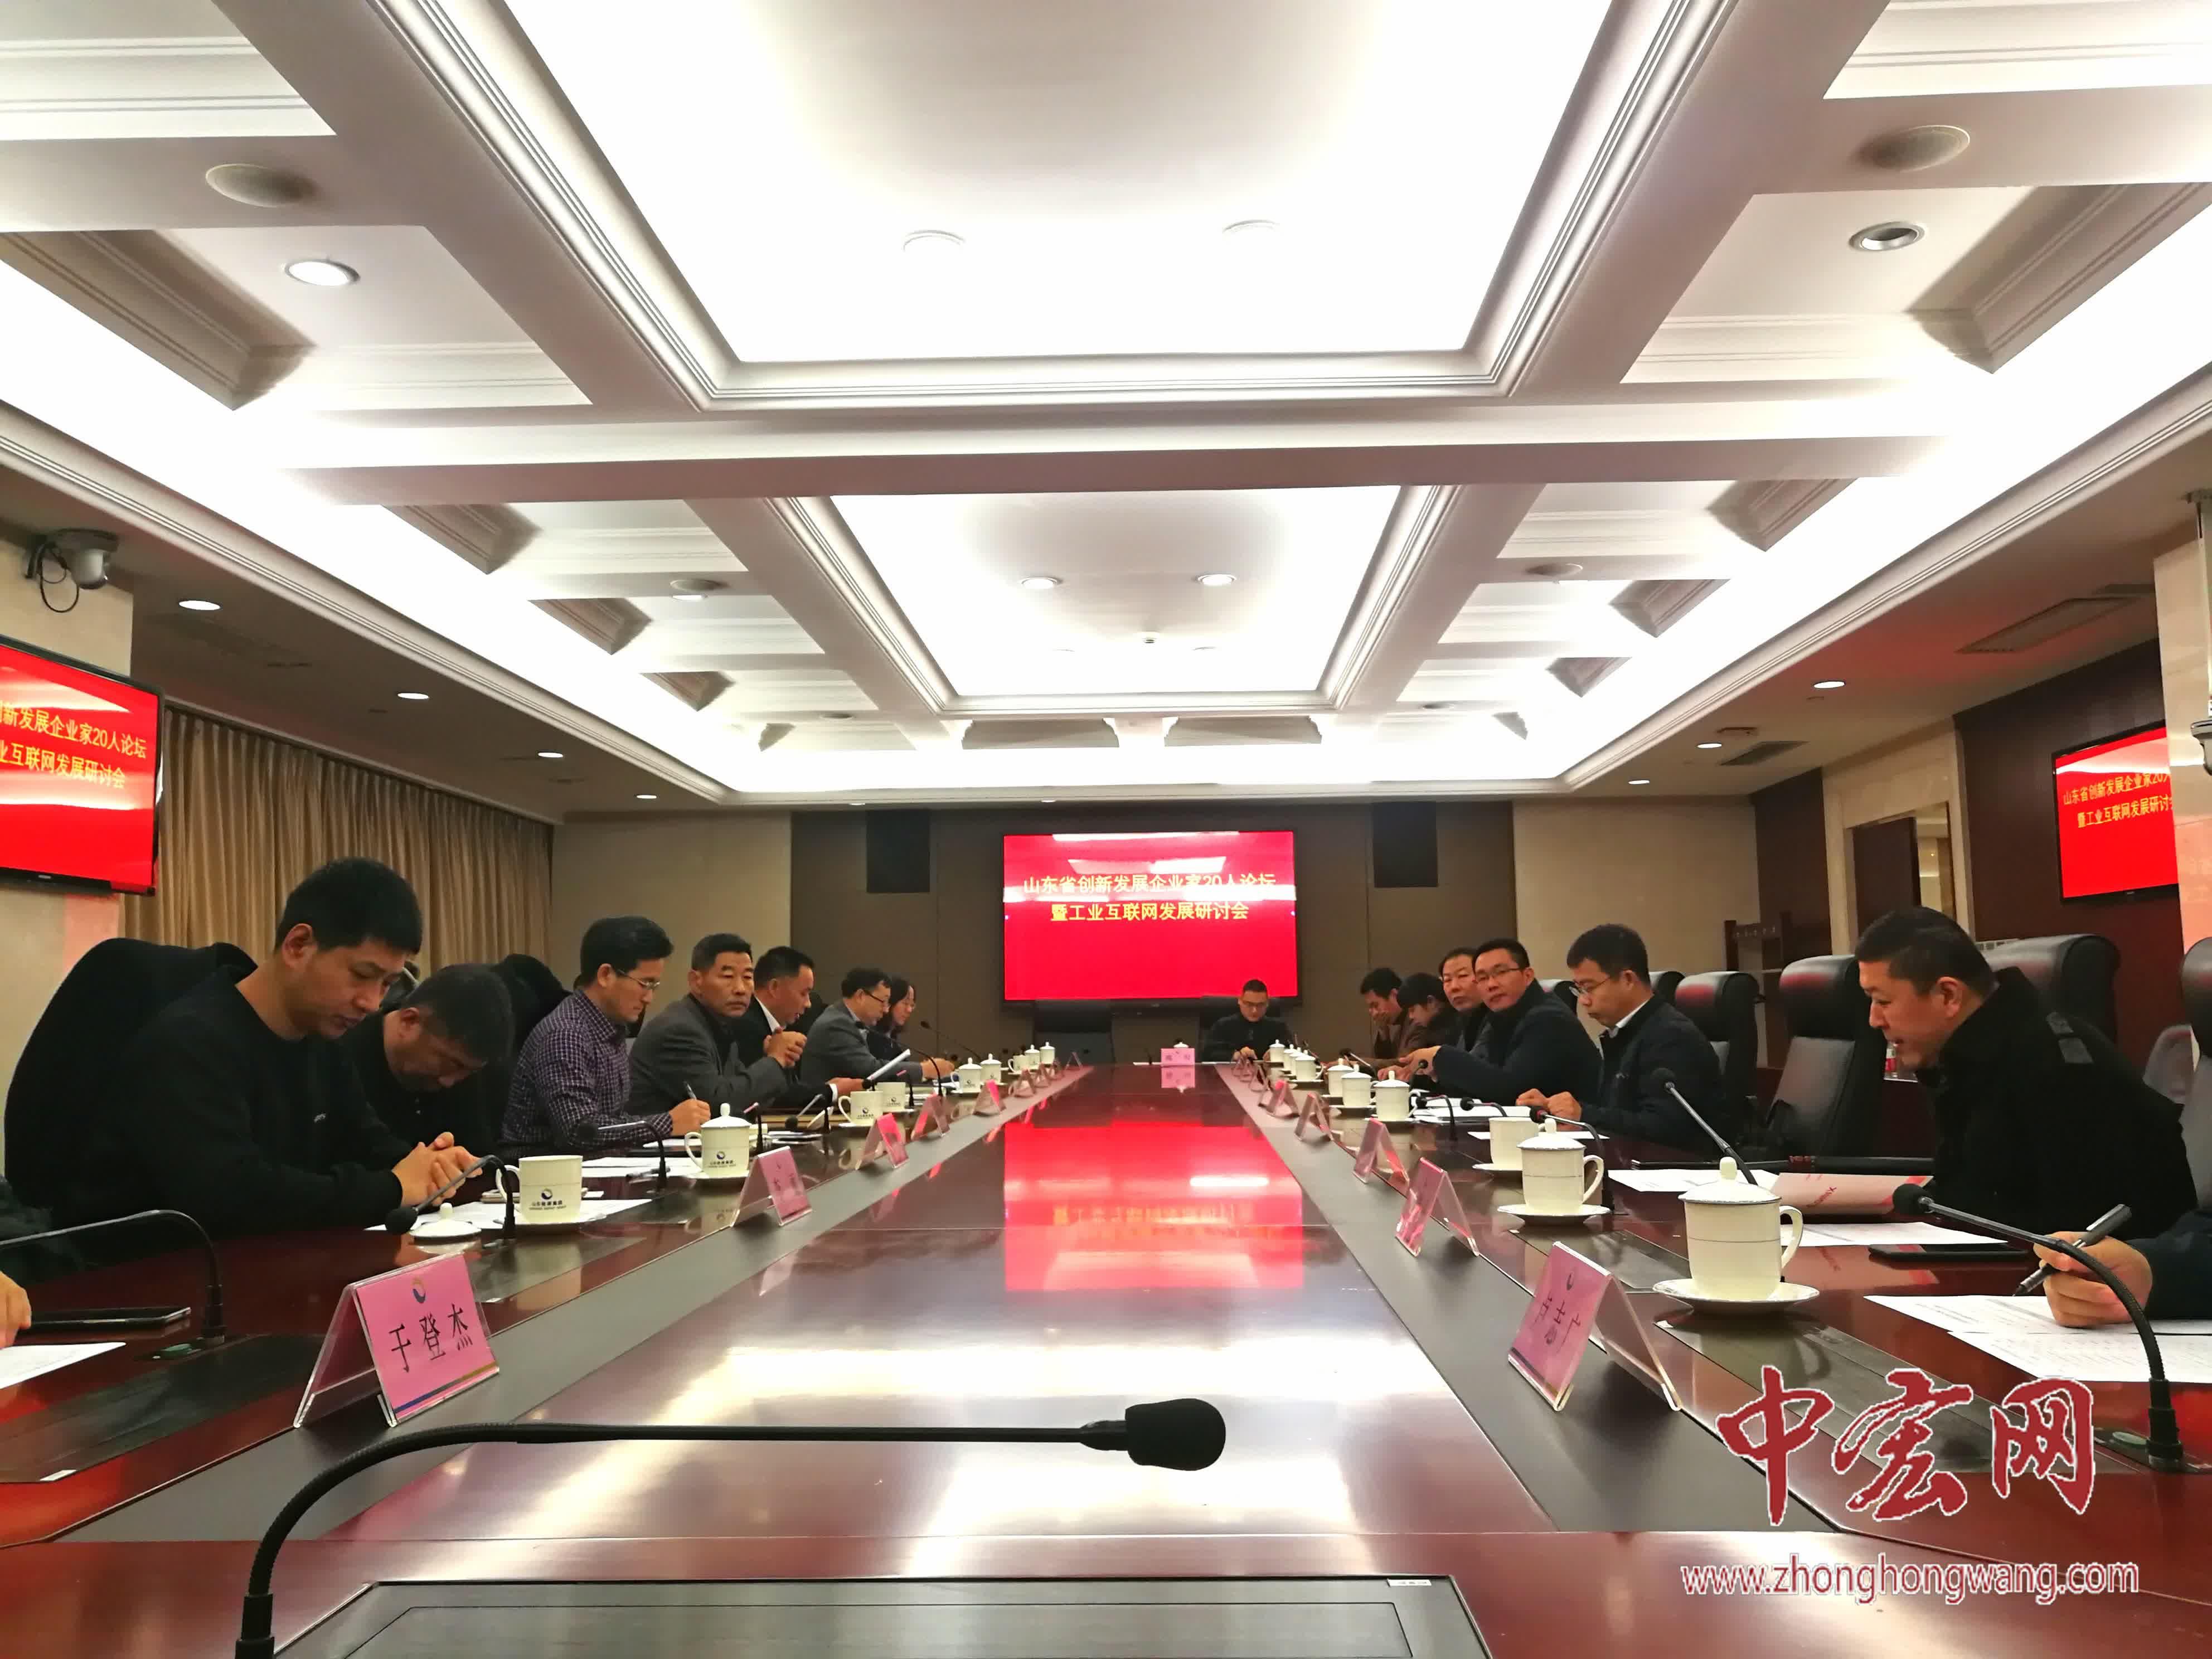 山东省创新发展企业家20人论坛暨工业互联网平台研讨会今日在济召开